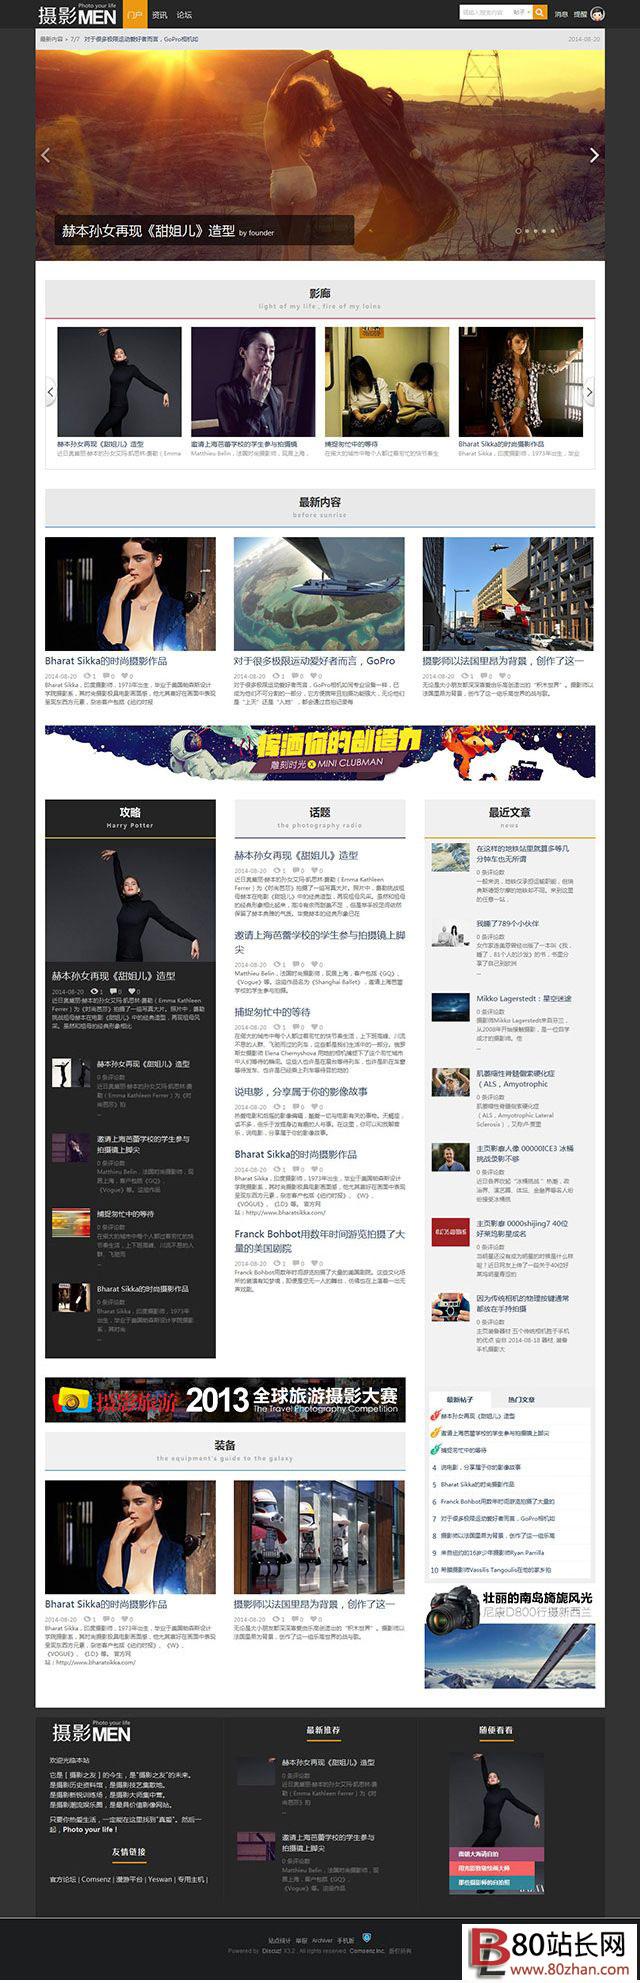 discuz模板 摄影图片门户网站源码商业版UTF8